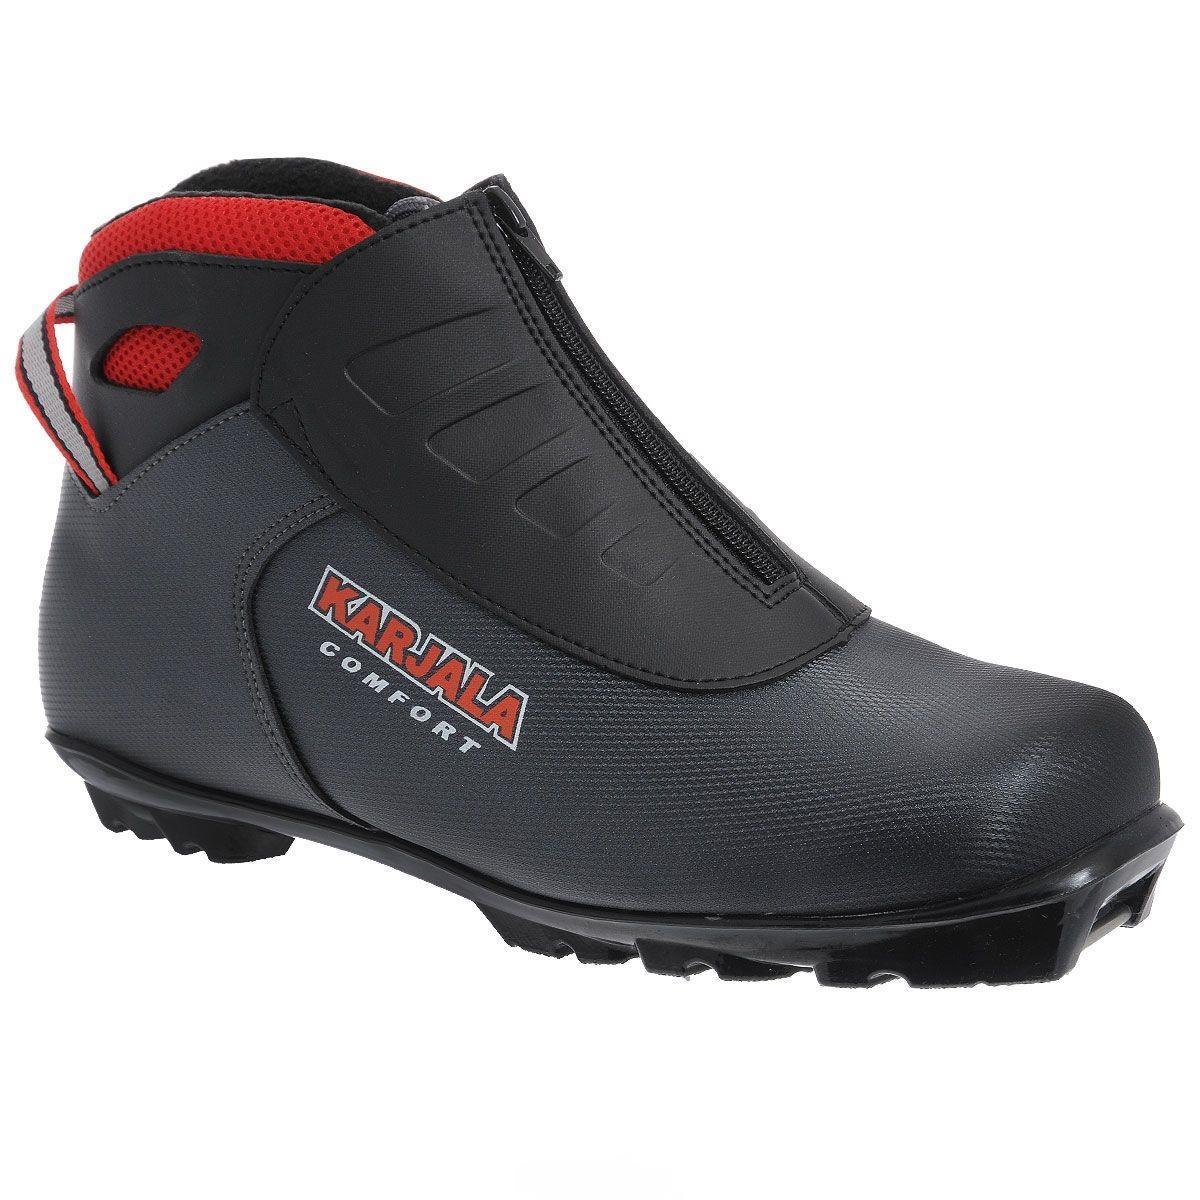 Ботинки для беговых лыж Karjala Comfort NNN, искусственная кожа, цвет: серый. Размер 44